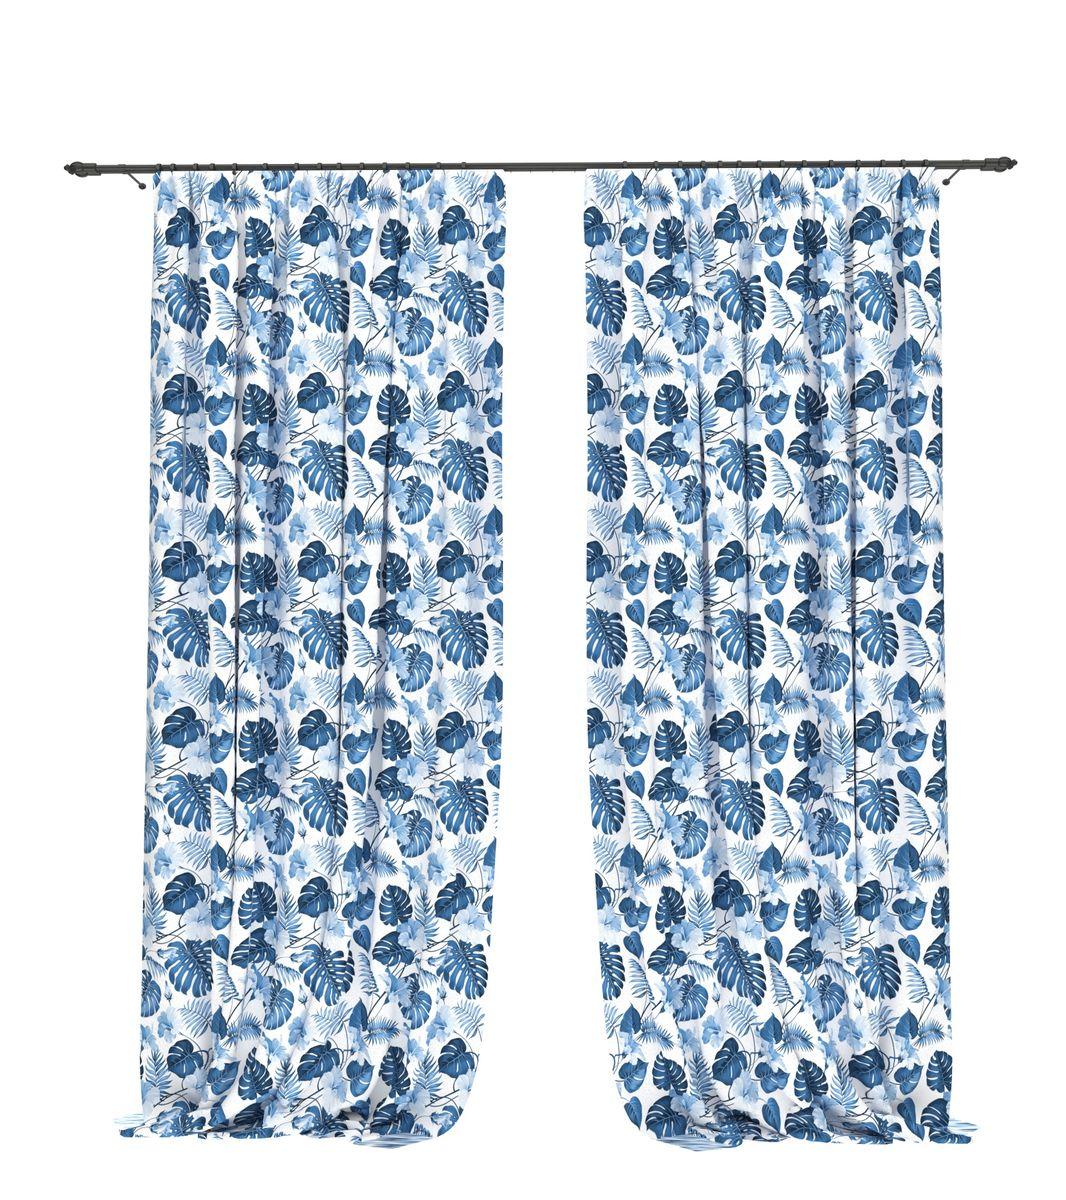 Комплект фотоштор Bellino Home Гиоцинтовая монстера, высота 260 см. 05515-ФШ-ГБ-0011004900000360Комплект фотоштор BELLINO HOME, коллекция Тропики. Рожденный вдоль экватора тропический стиль смешивает множество культур и традиций в единое целое. Эта коллекция подобно котлу, в котором варятся туземные материалы, элегантная простота, экзотические мотивы и море солнечного света. Будто бы вечные каникулы: здесь замедляется время и замирает суета мегаполиса. Богатое разнообразие флоры и фауны способно преобразить атмосферу любого интерьера. Крепление на карниз при помощи шторной ленты на крючки.В комплекте: Портьера: 2 шт. Размер (ШхВ): 145 см х 260 см. Рекомендации по уходу: стирка при 30 градусах гладить при температуре до 150 градусов Изображение на мониторе может немного отличаться от реального.